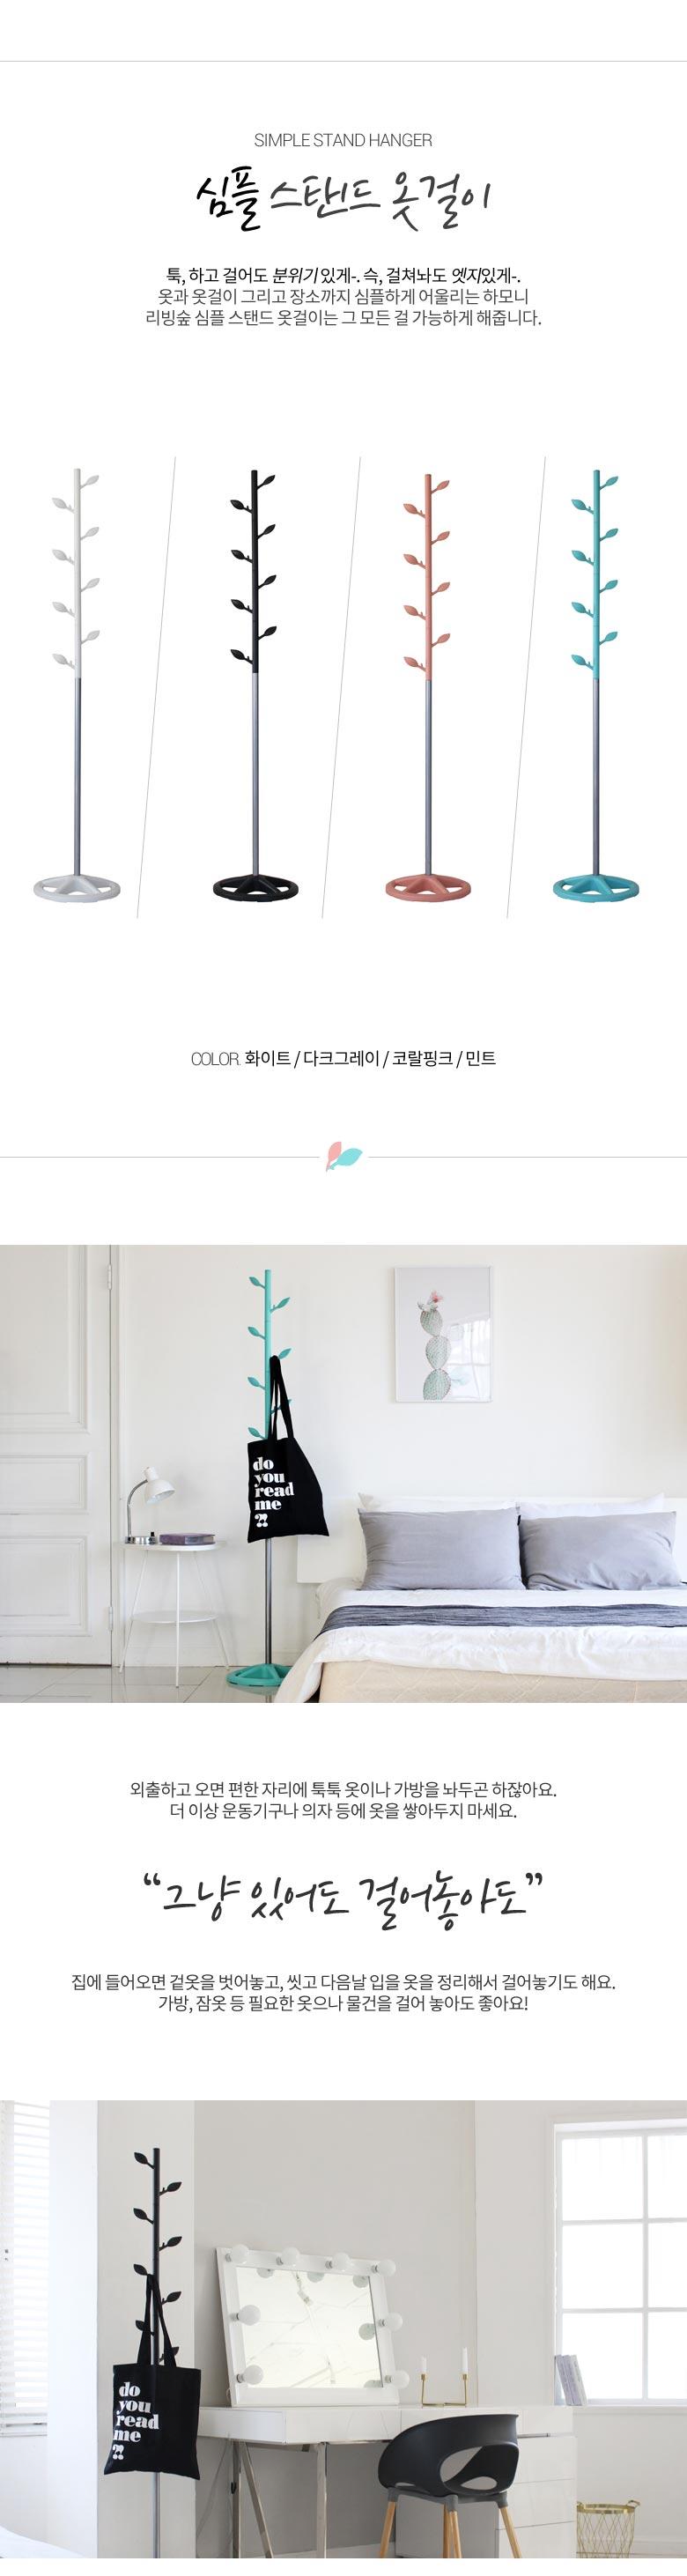 심플 스탠드 옷걸이 - 리빙숲, 14,900원, 행거/드레스룸/옷걸이, 원목행거